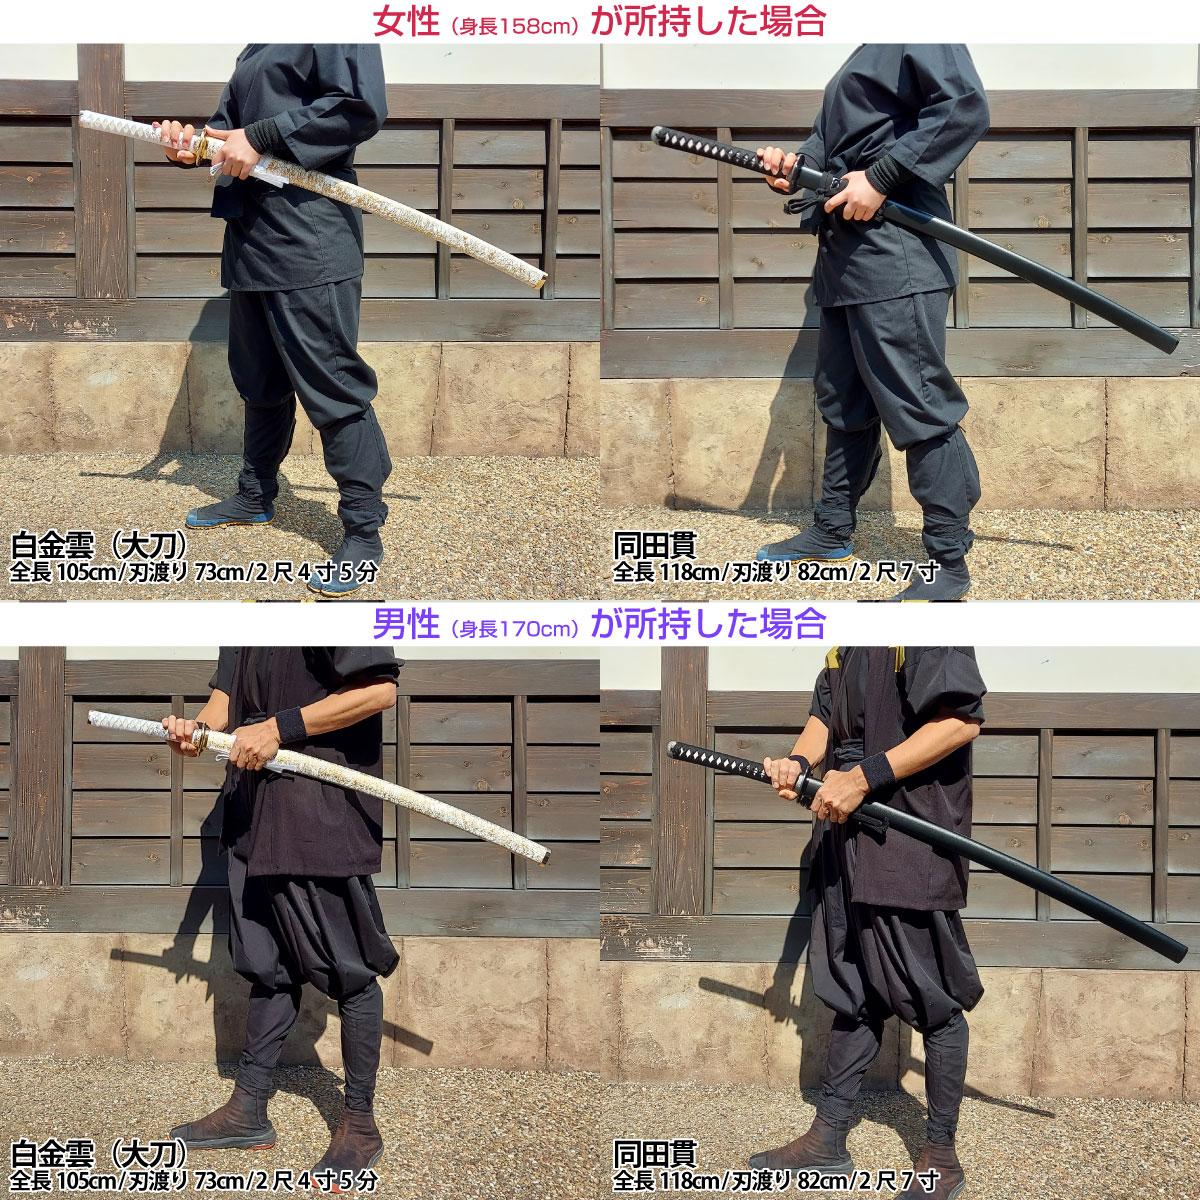 高級居合刀 新選組副長 土方歳三 勝虫拵え 和泉守兼定(刀袋付き)